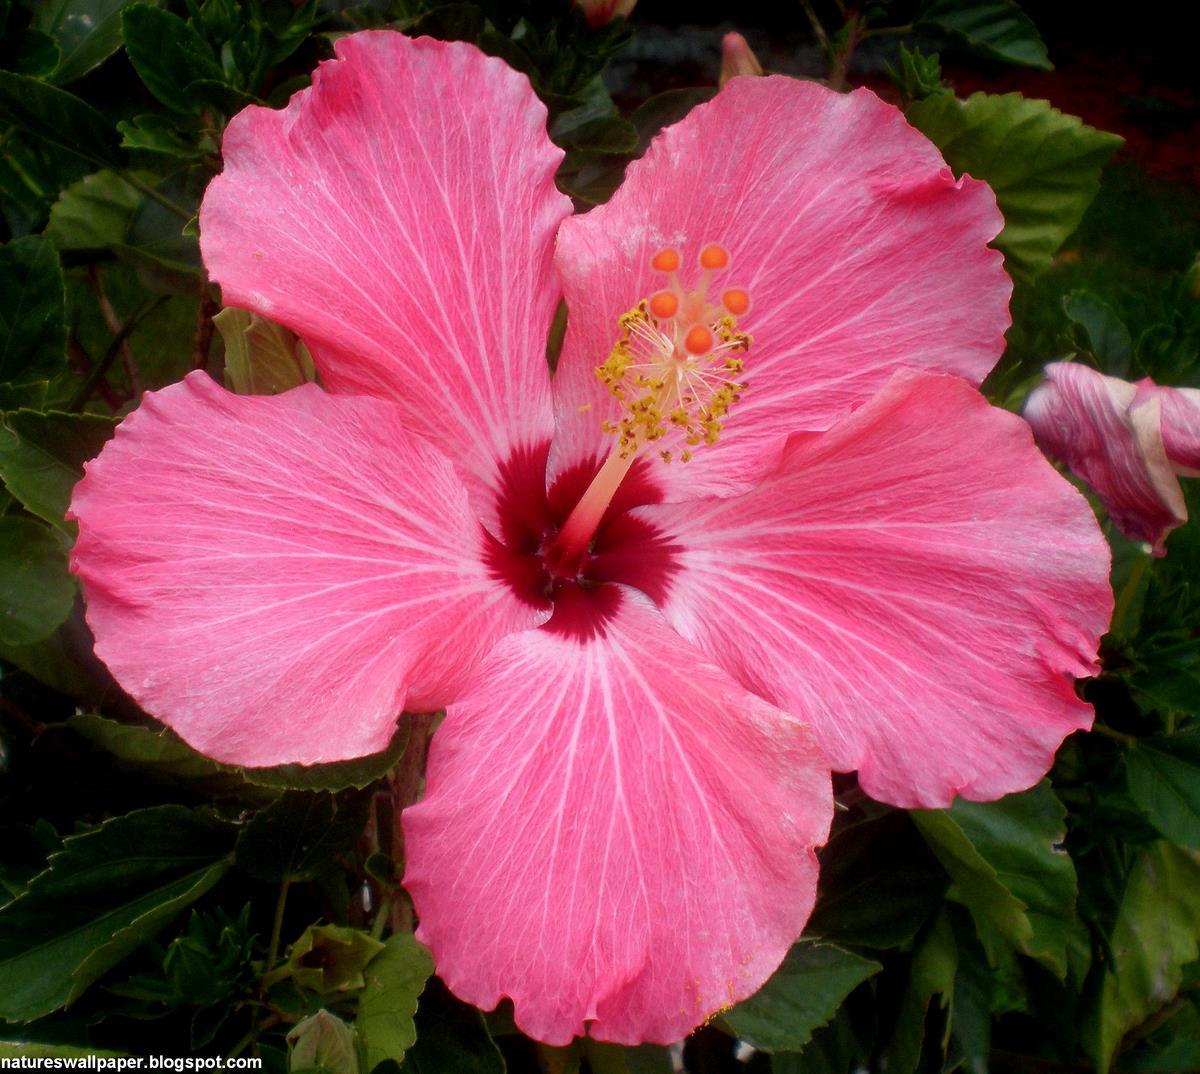 http://1.bp.blogspot.com/-xdQnD6Q_-N4/UAOAE0L9bHI/AAAAAAAAEiw/poJpV9iYCiU/s1600/Hibiscus%2BFlower.jpg